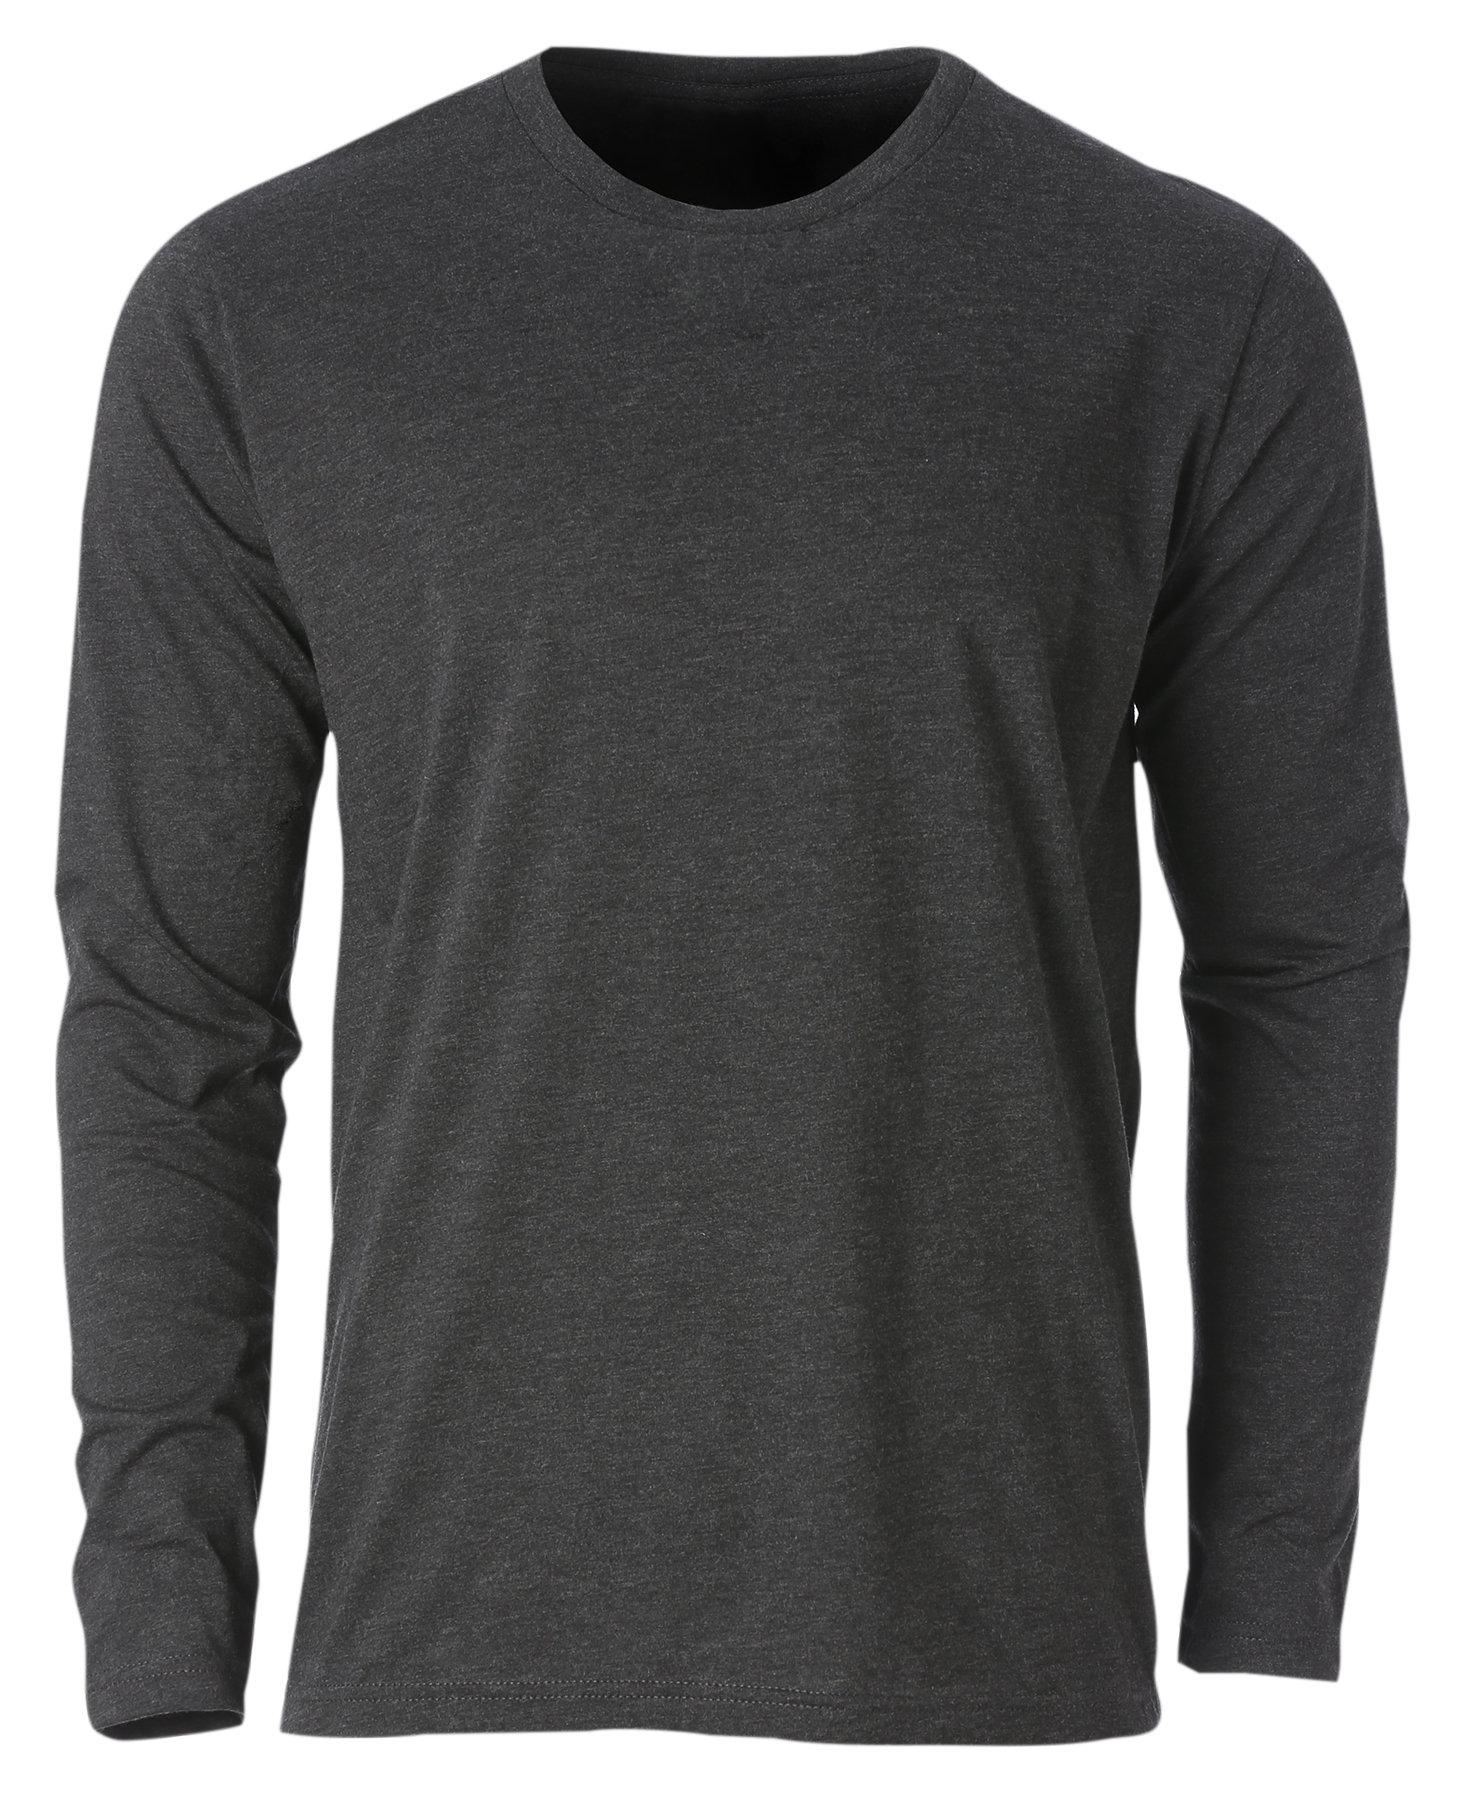 Ouray Sportswear W Tri-Blend Deep V